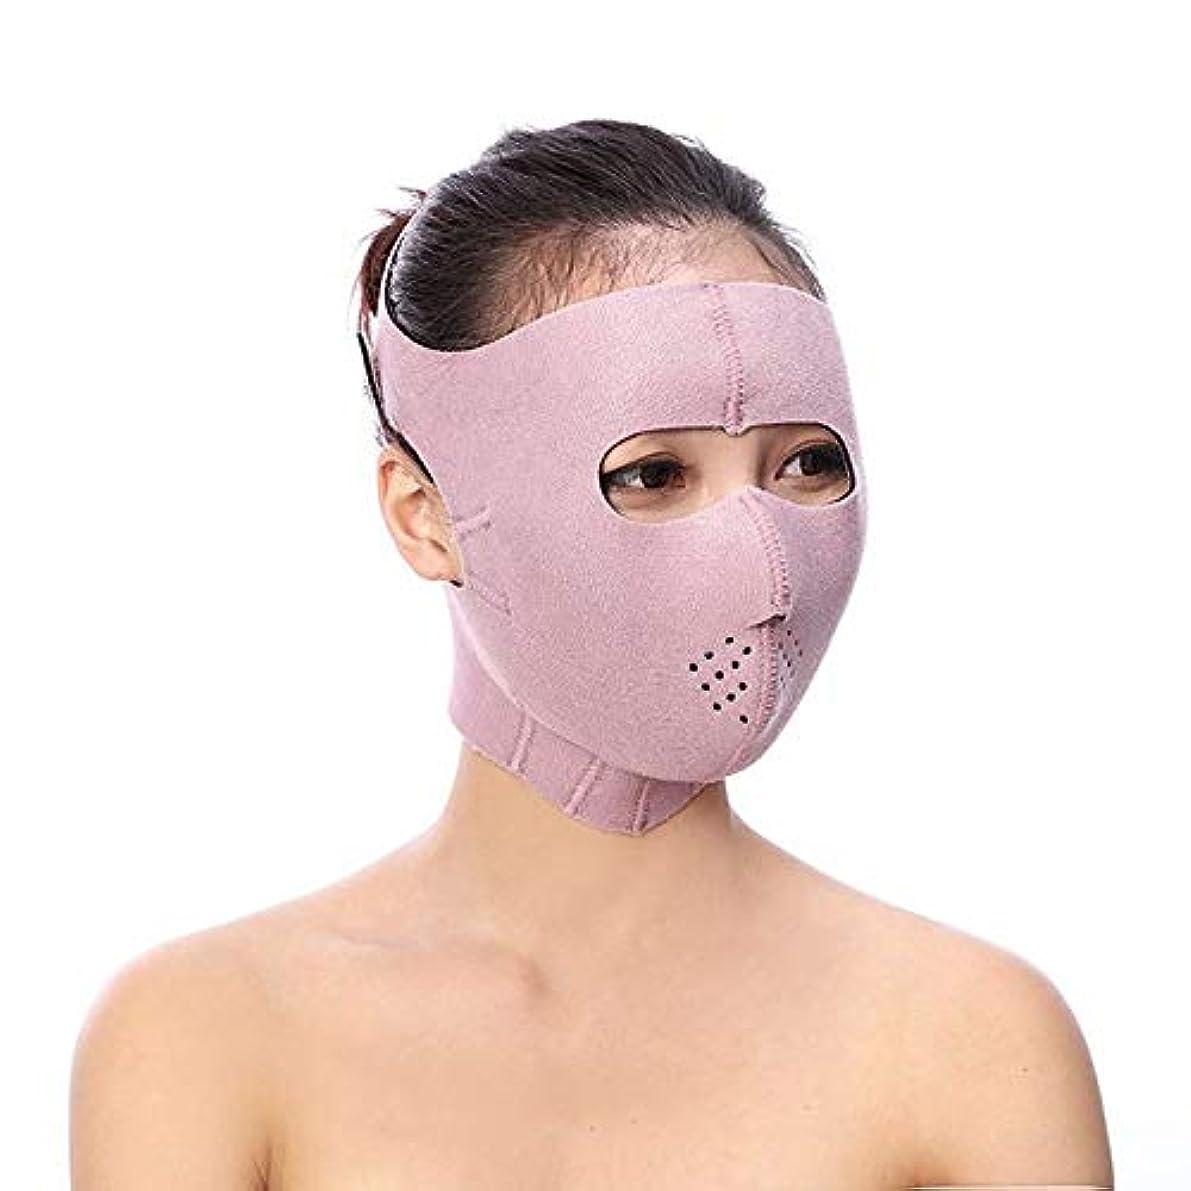 勇敢な追う緯度フェイスリフティングベルト、フェイスリフティング包帯顔の形をしたV字形状により、睡眠の質が向上します。 (Color : Pink)